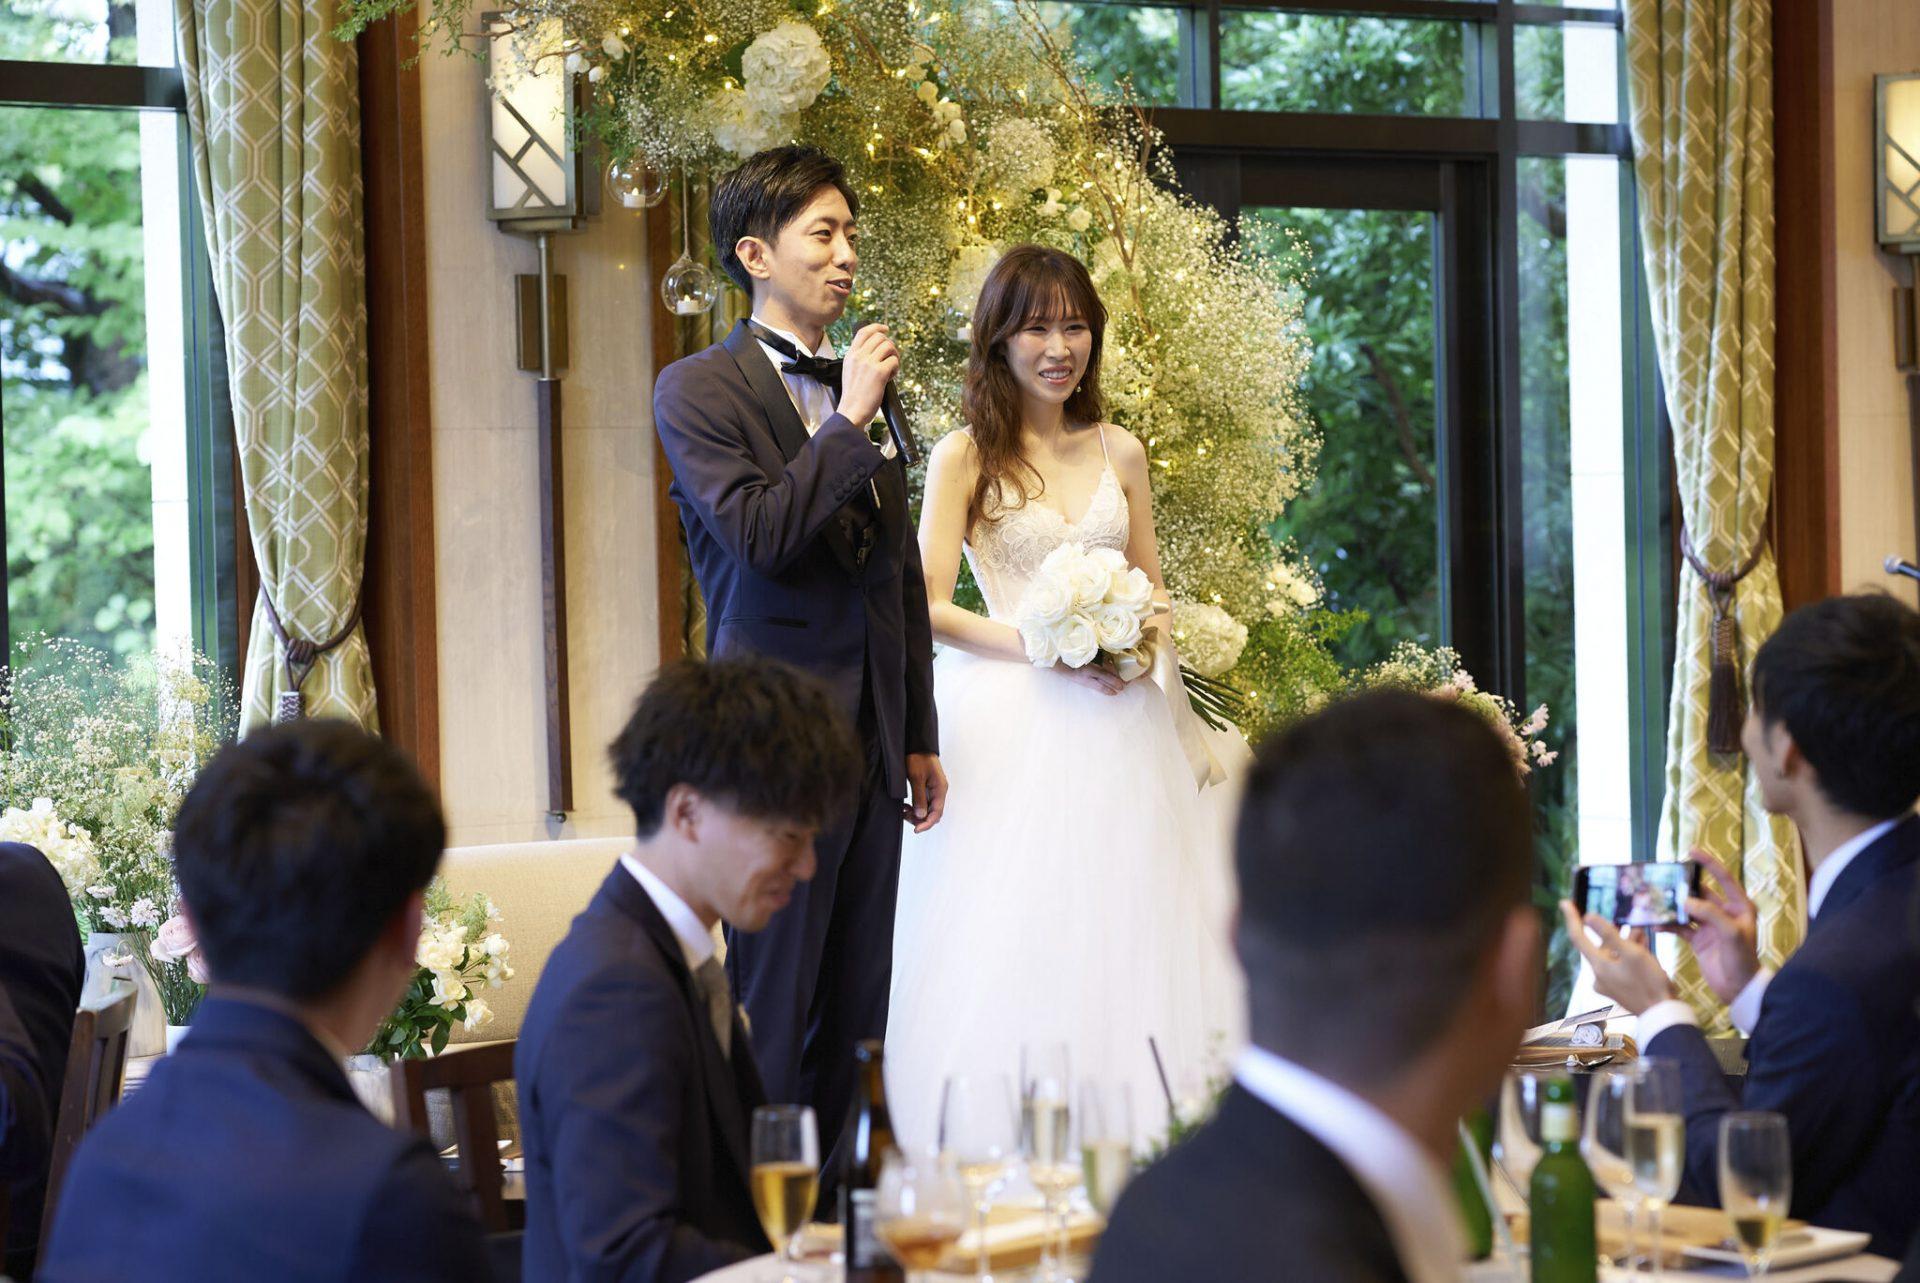 関西の木に囲まれた結婚式場でのウェディングドレスのコーディネート